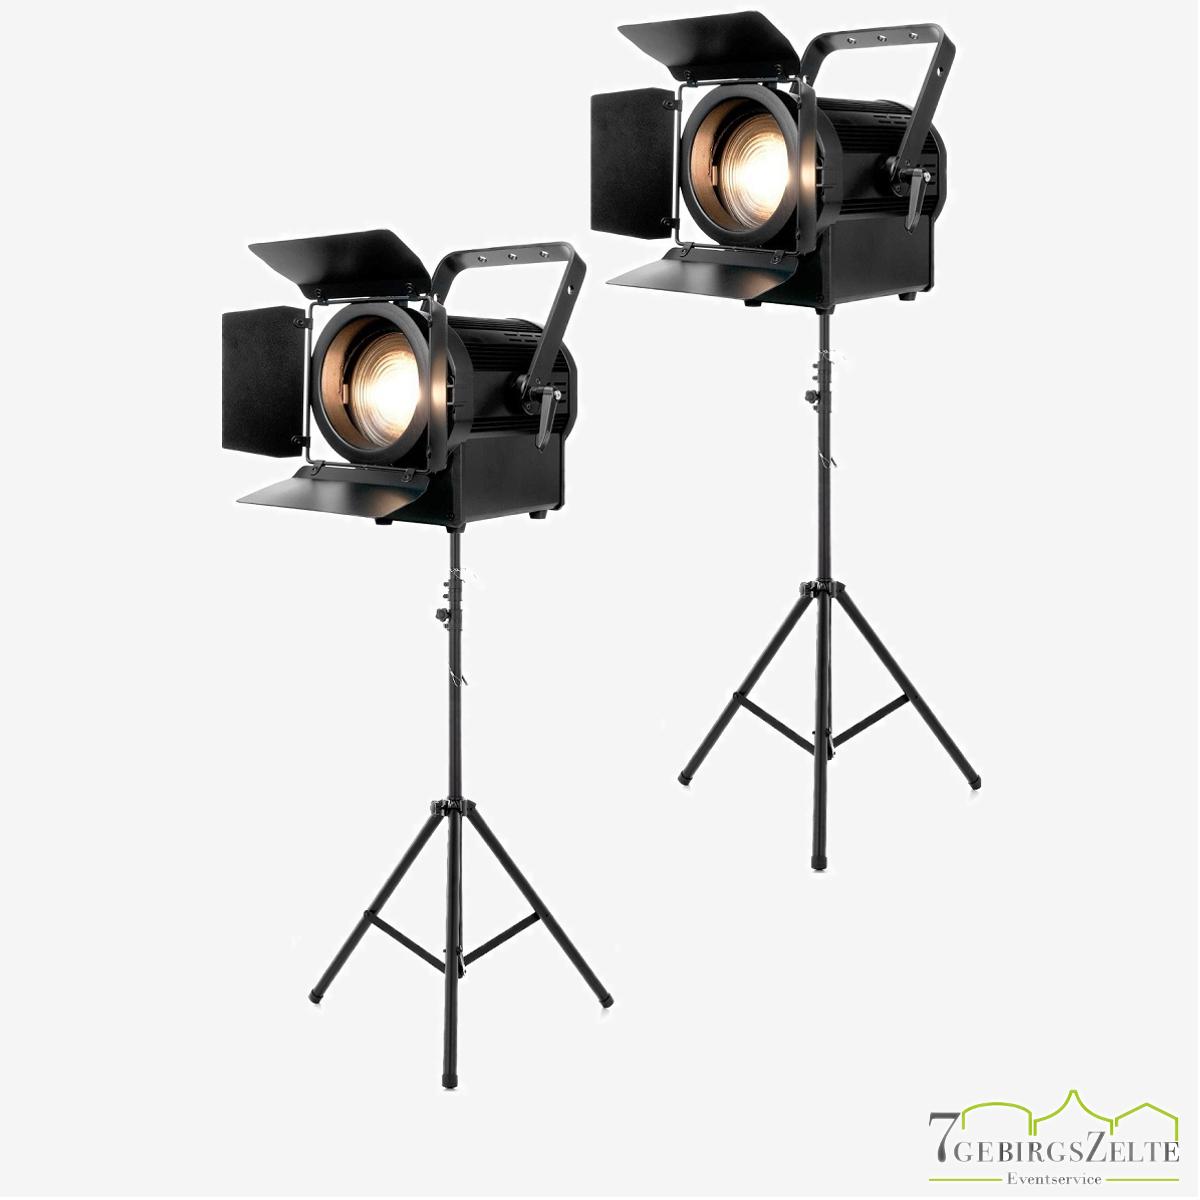 Bühnenscheinwerfer Set /2 x Scheinwerfer/Presselicht/Filmlicht/Arri